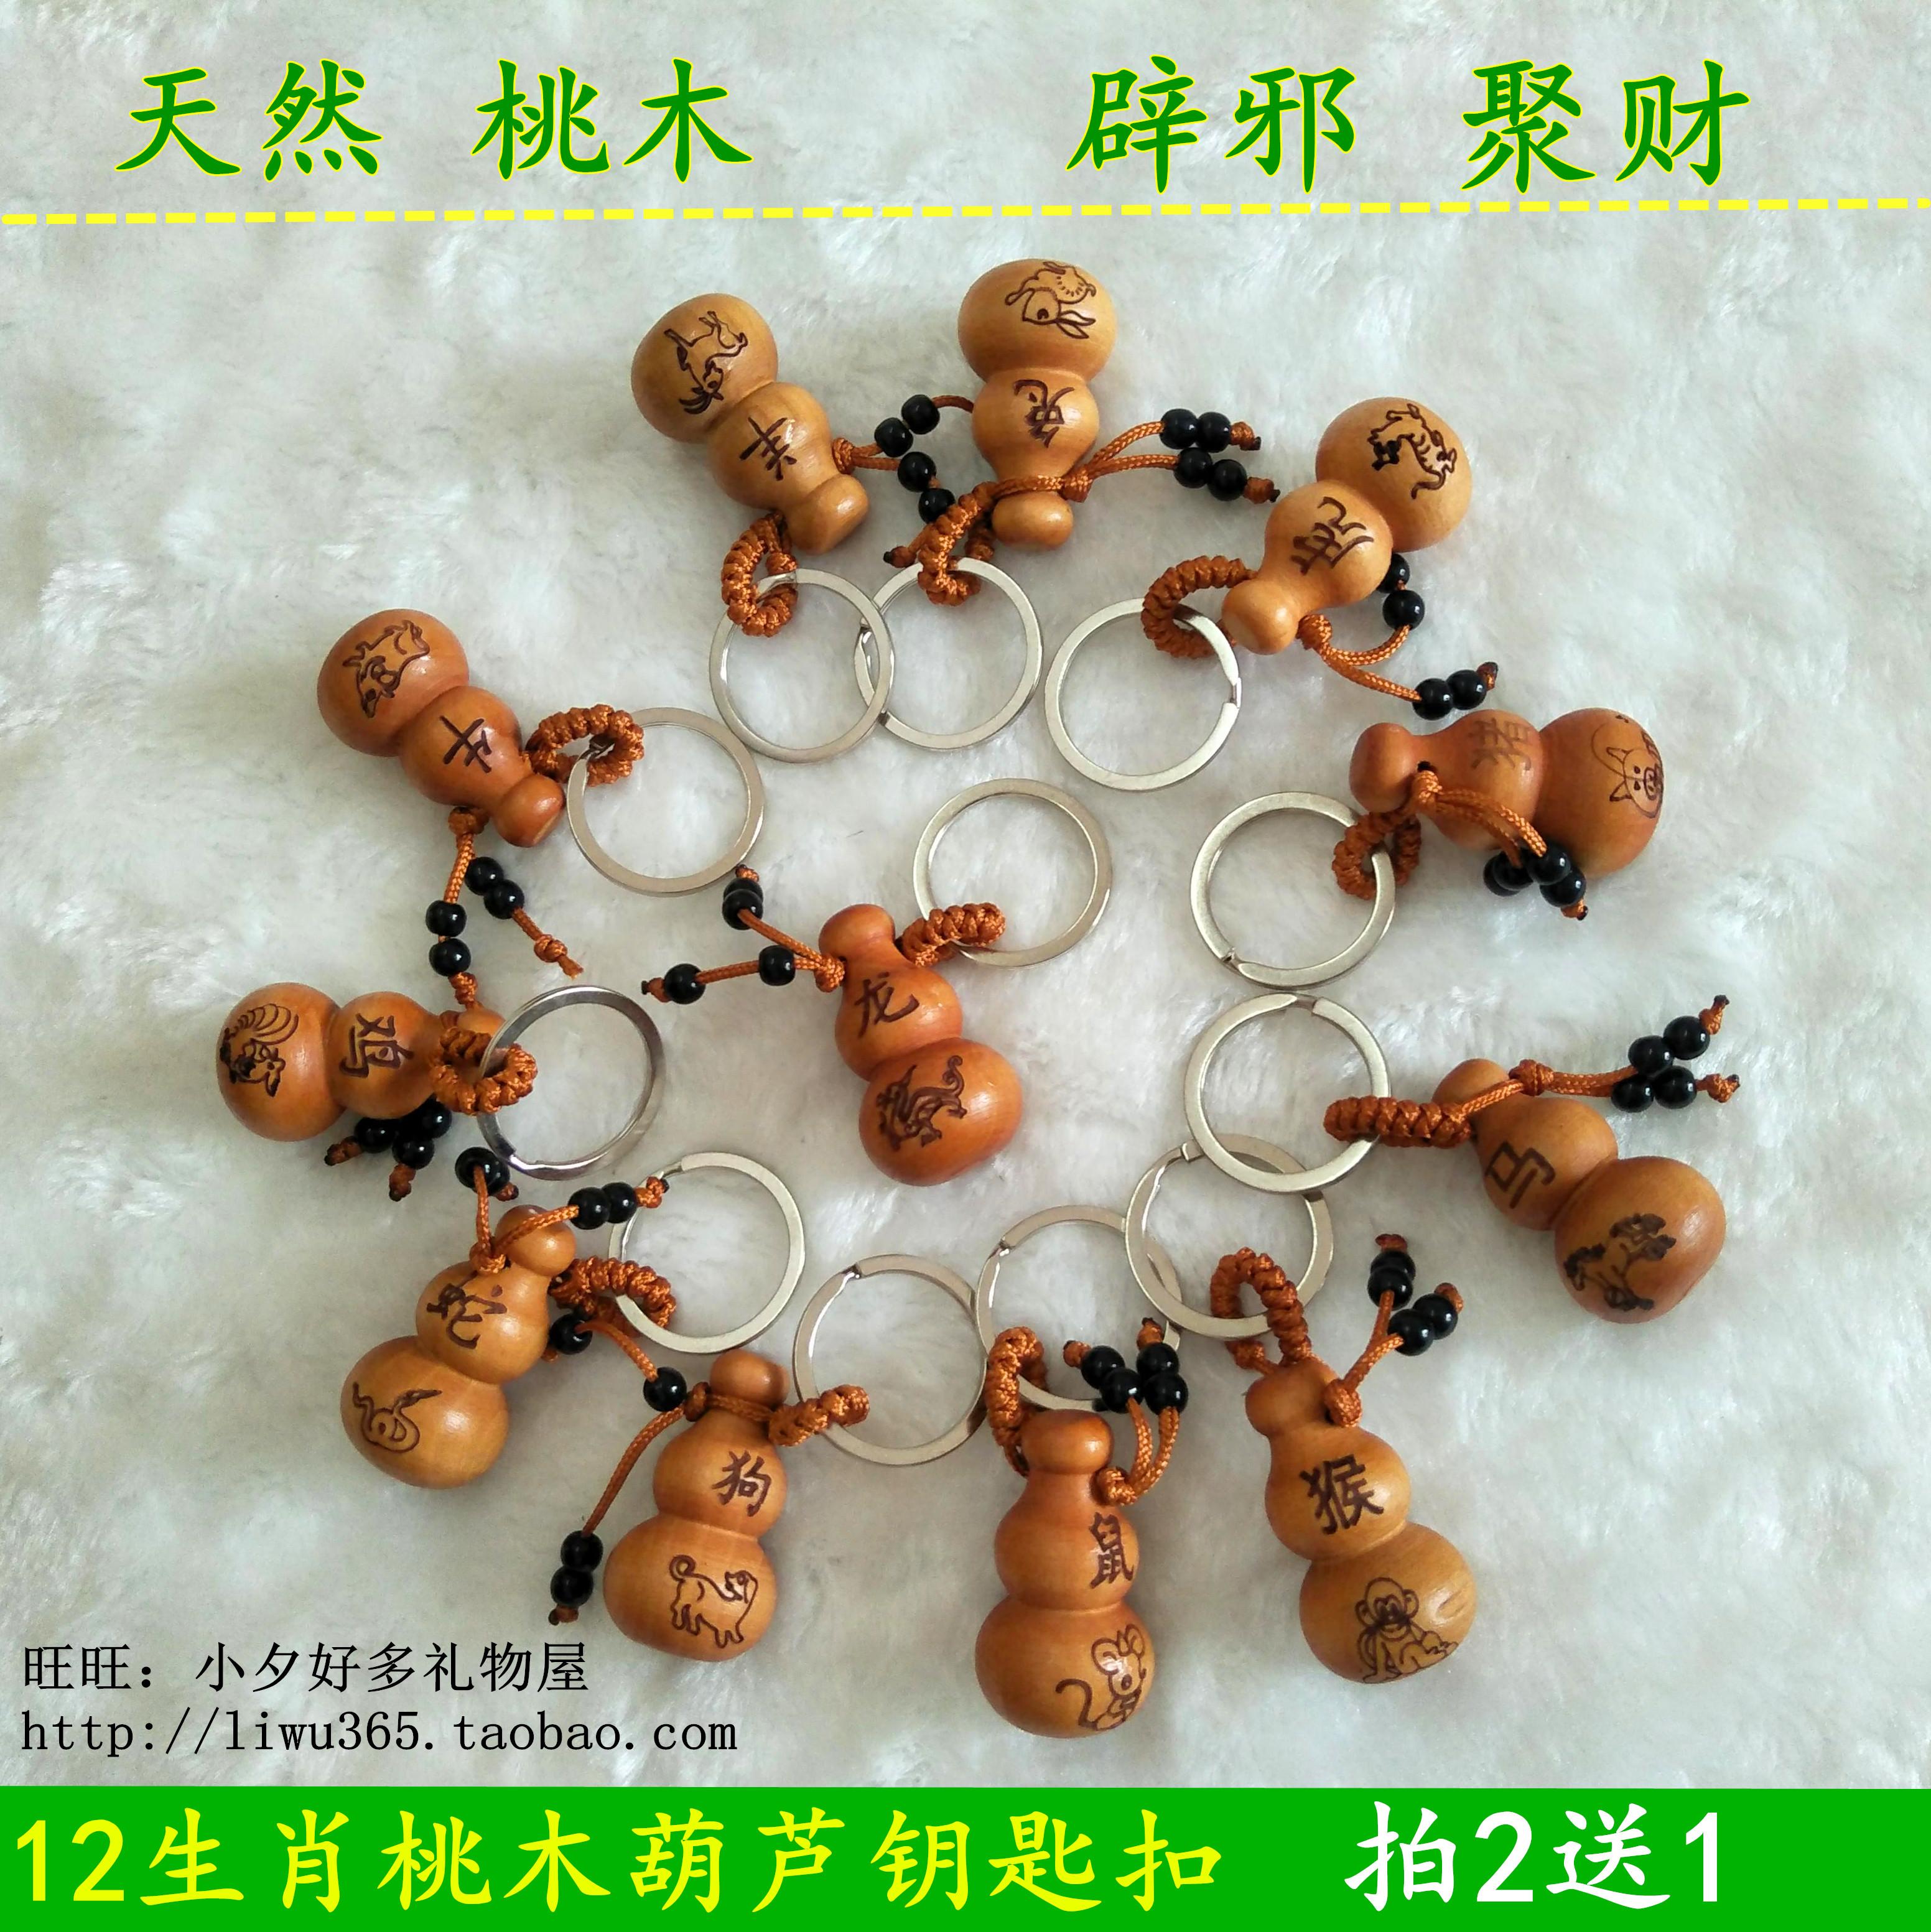 12生肖天然桃木葫芦镇宅风水葫芦钥匙扣辟邪保平安汽车内挂件饰品